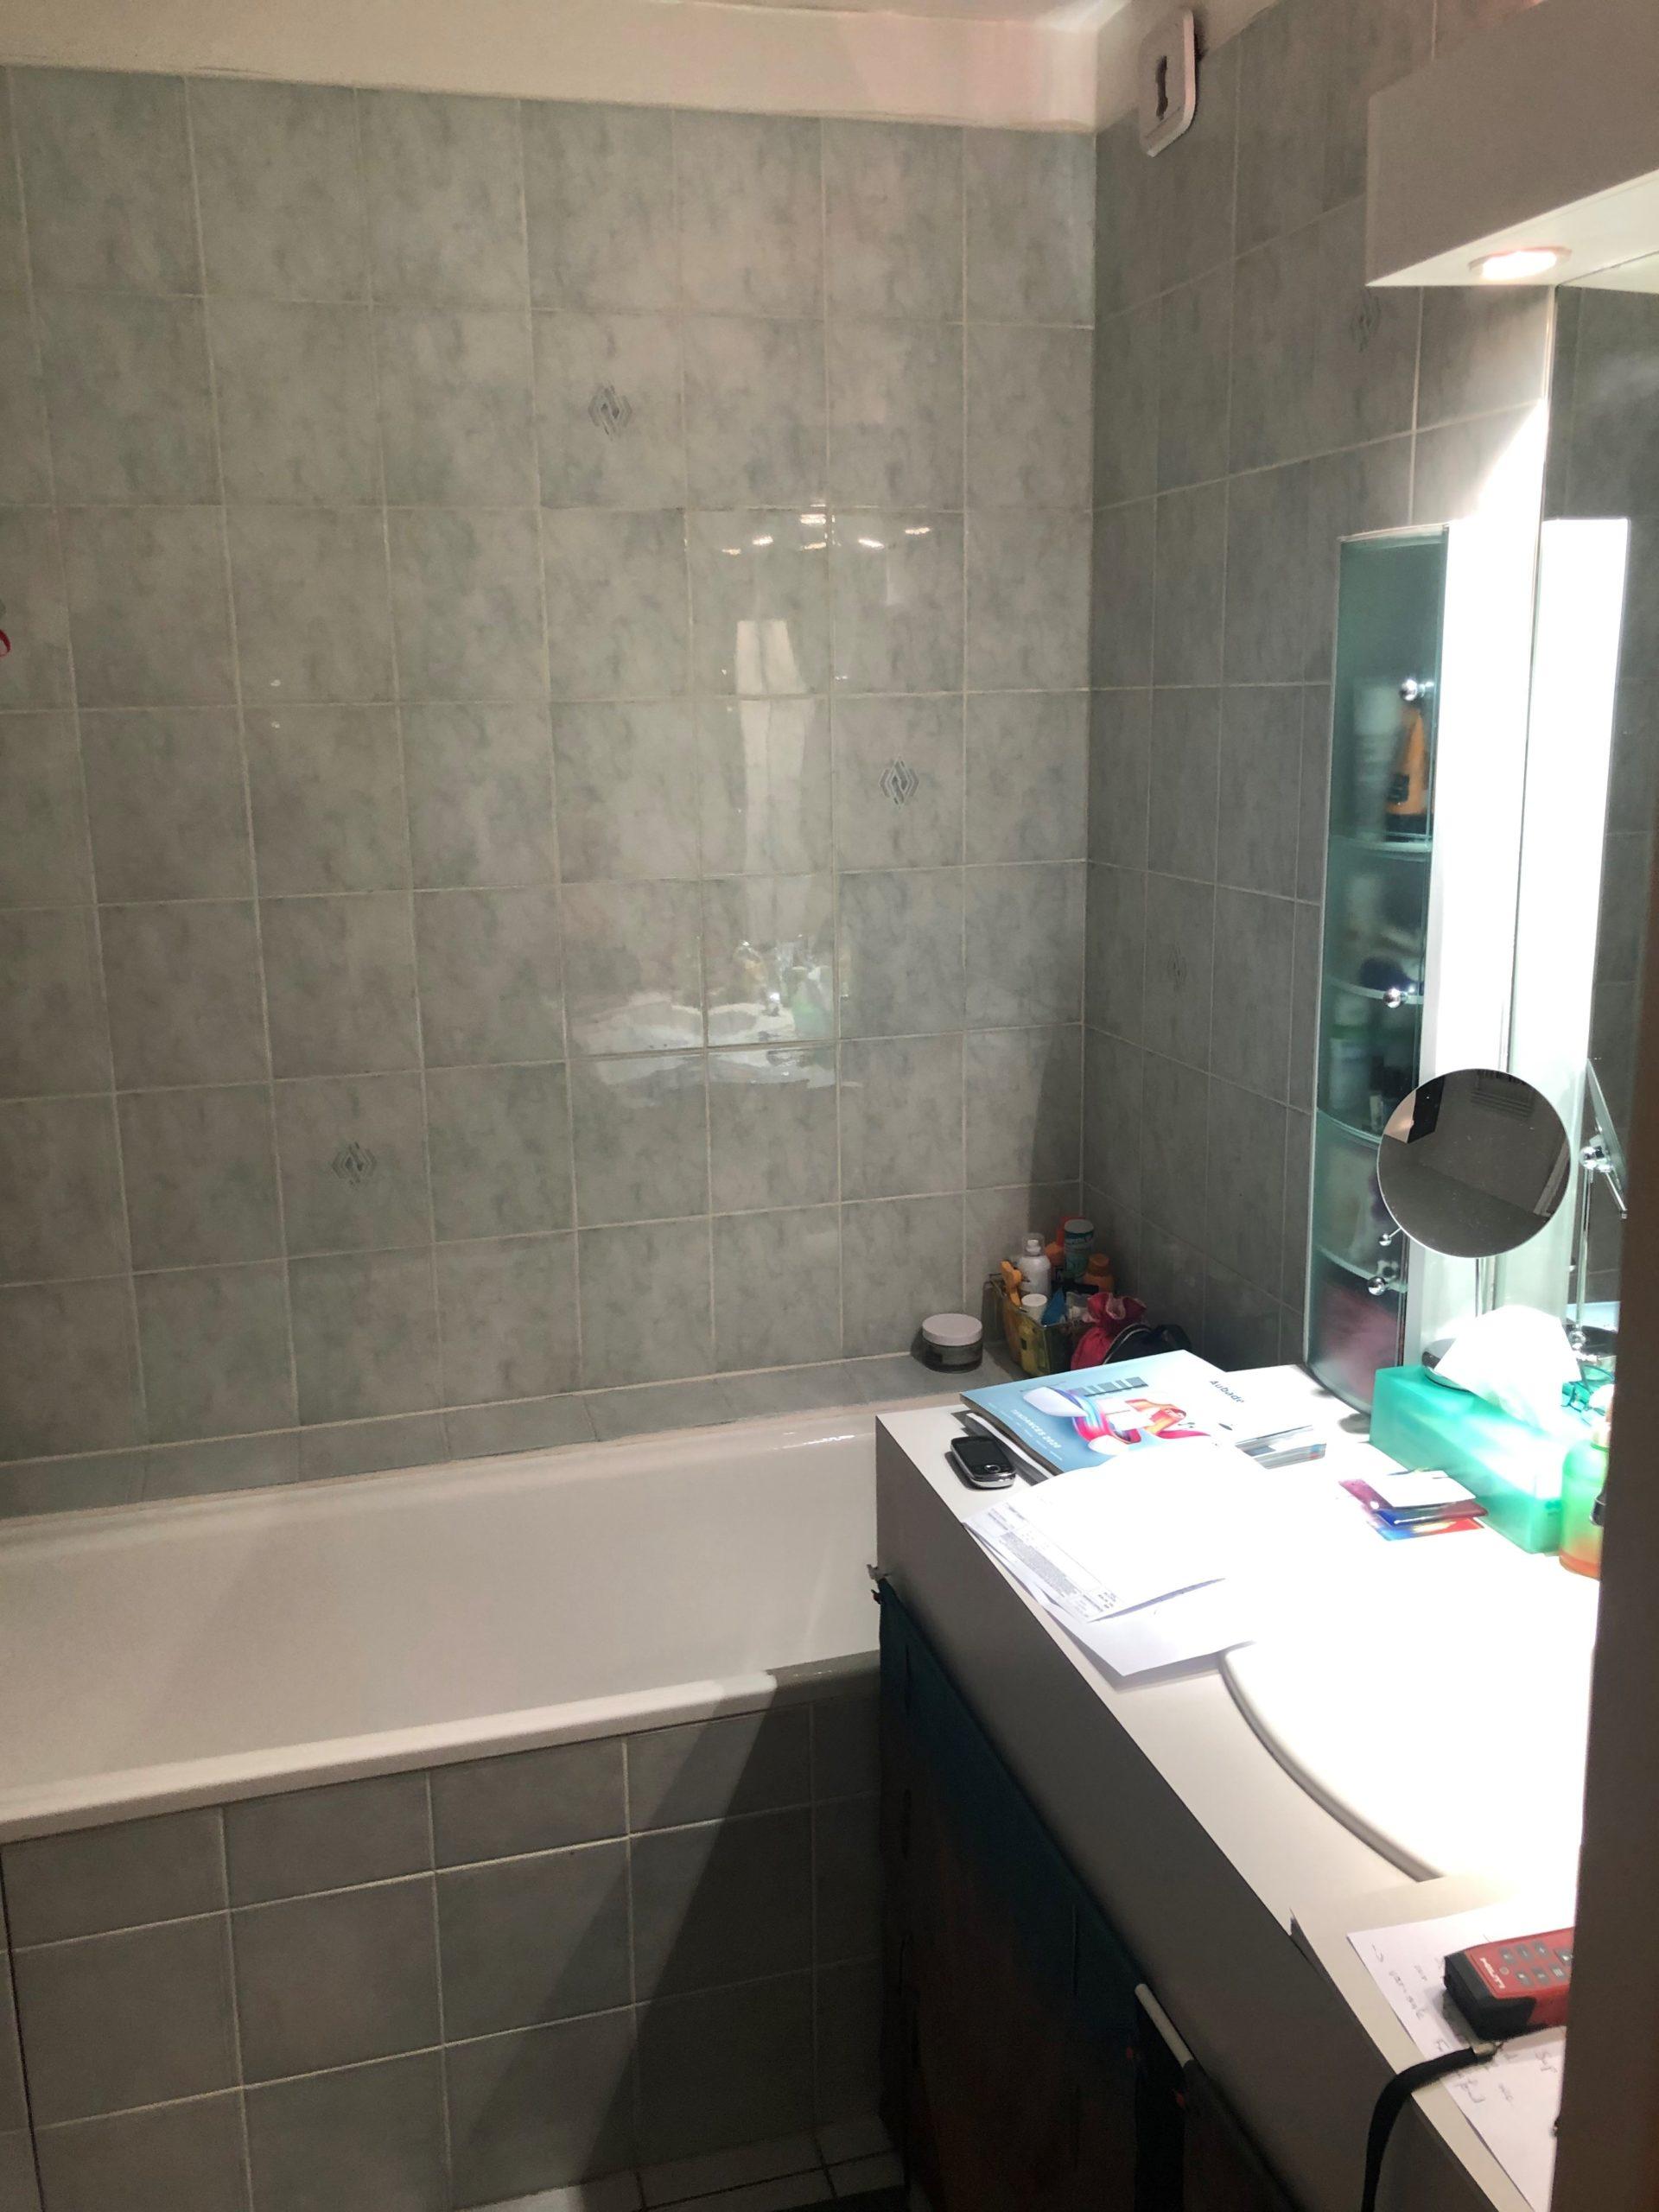 projet salle bain originale coloree baignoire mobilier avant